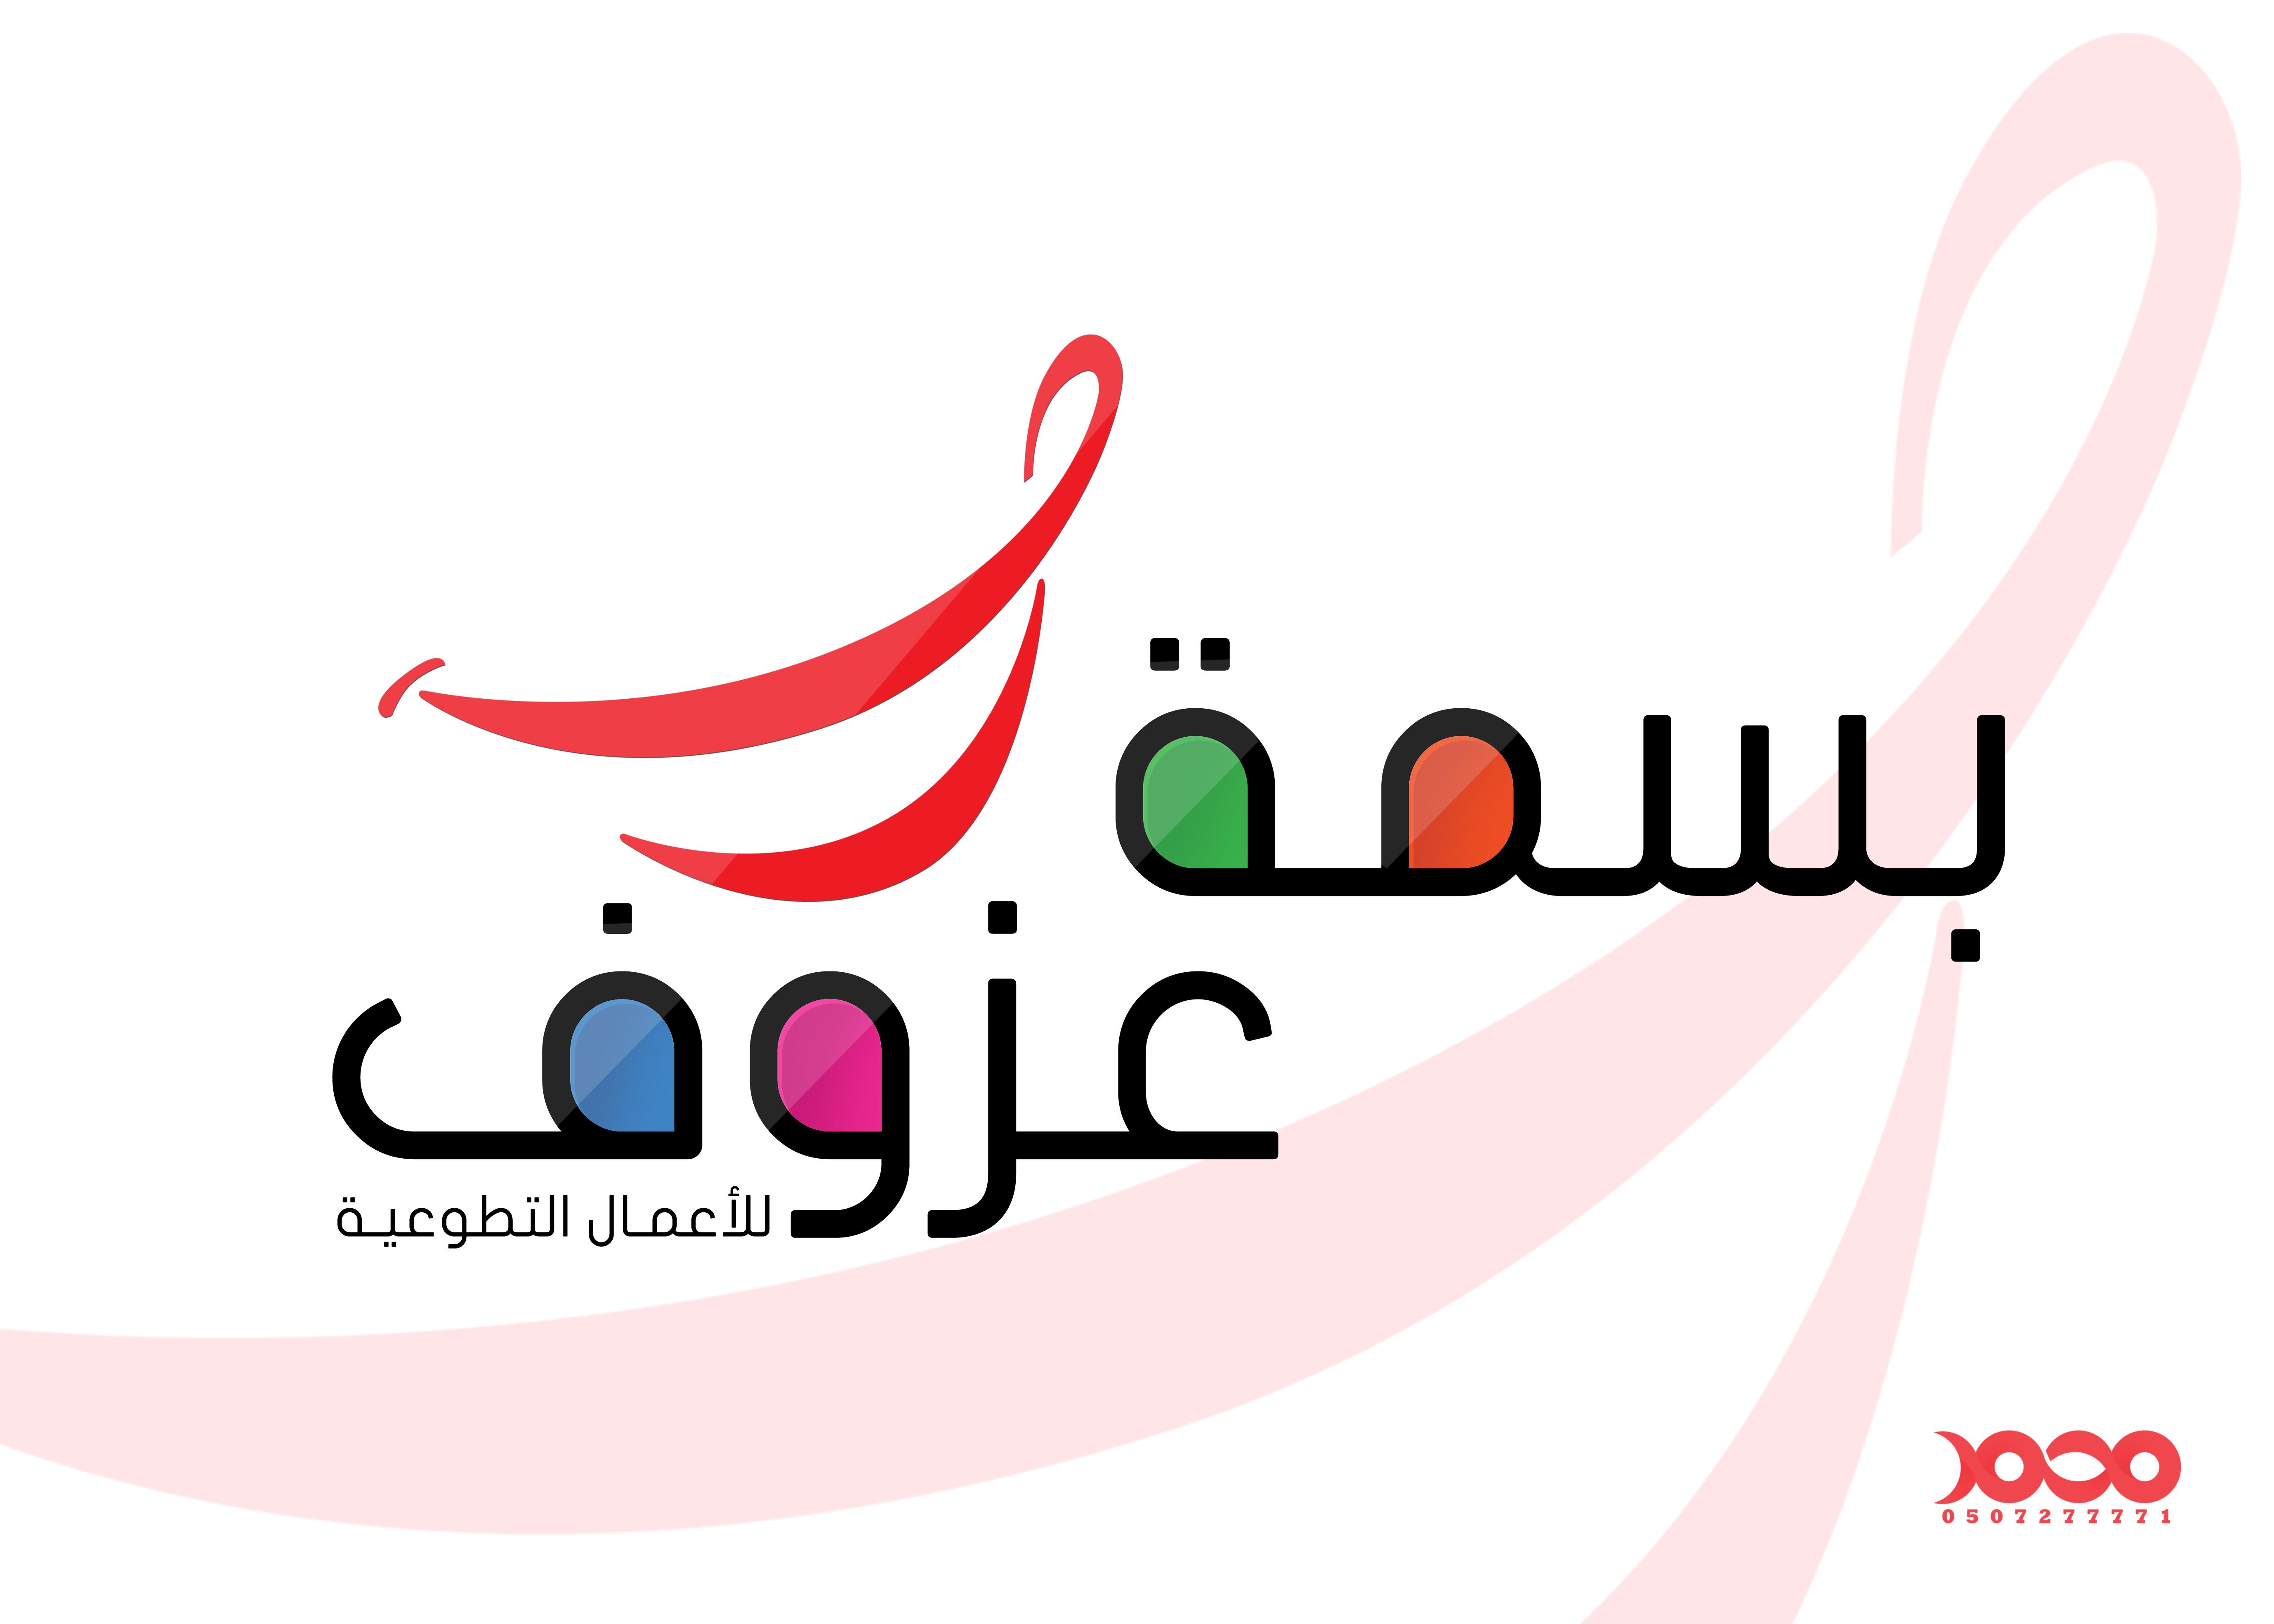 تصميم شعار فريق تطوعي بمكة المكرمة .